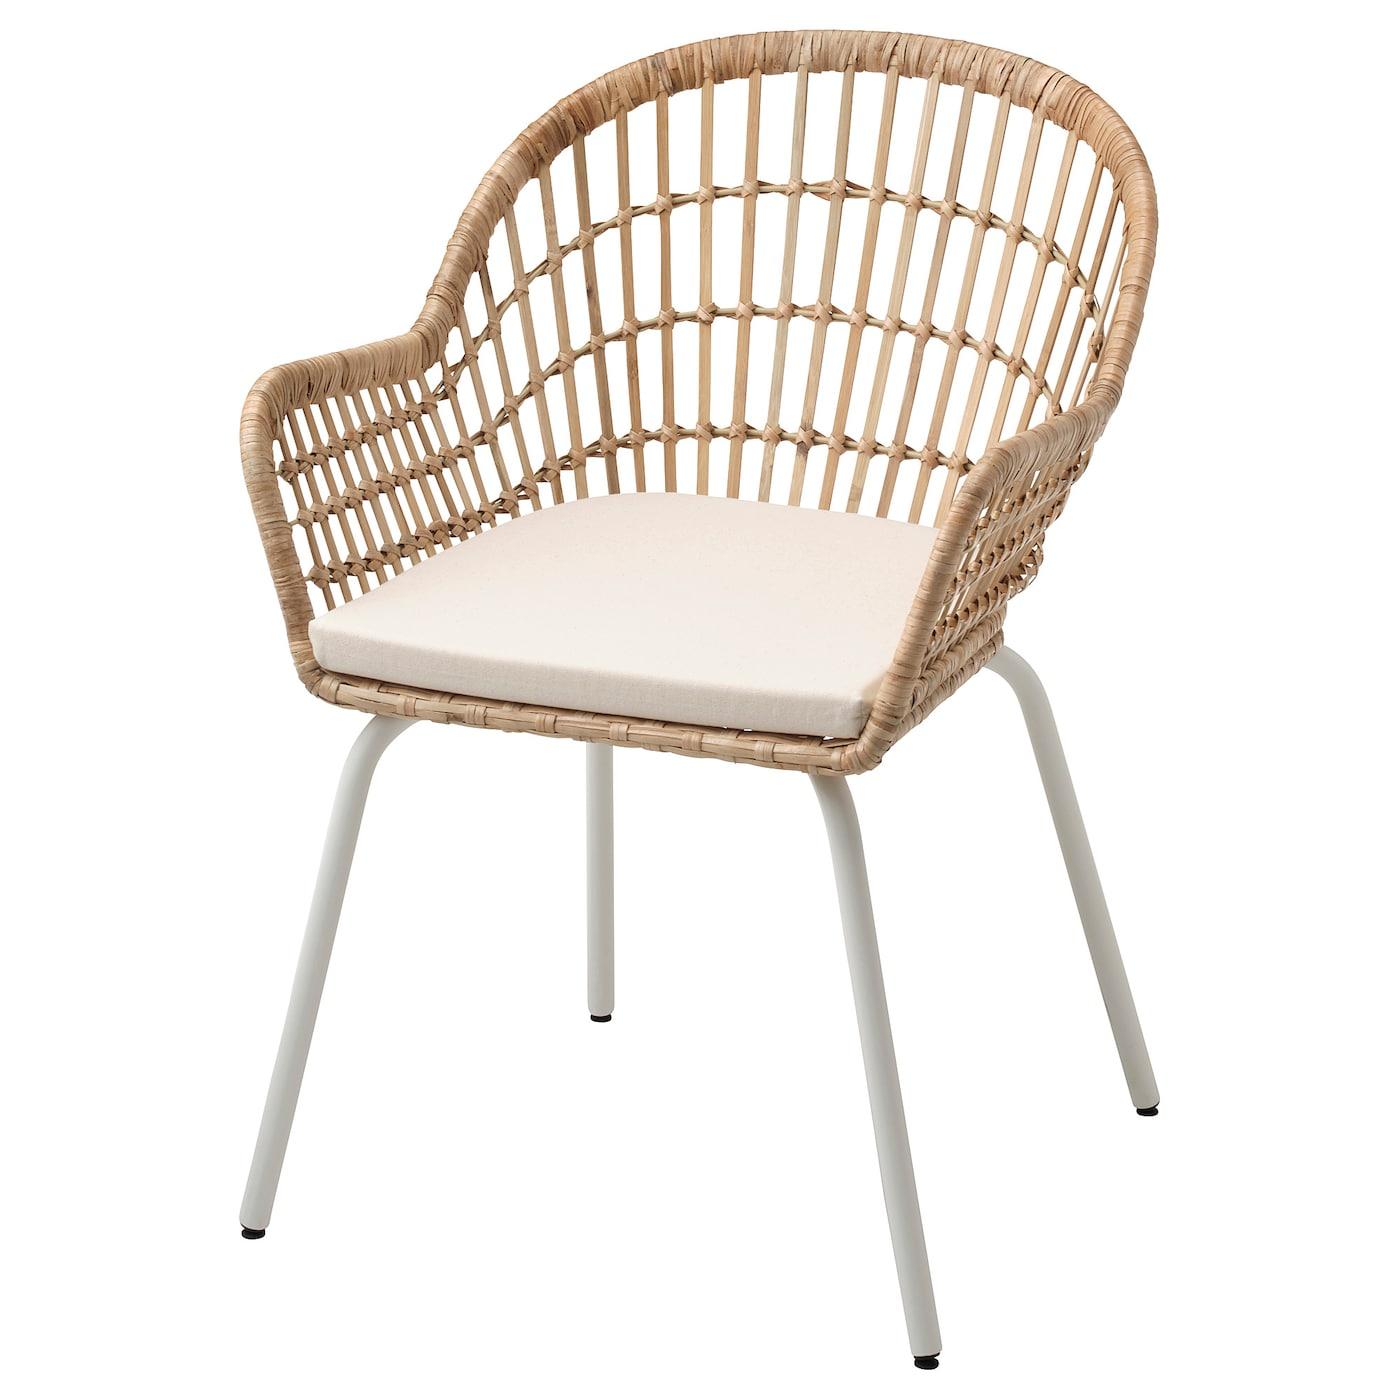 IKEA - NILSOVE / NORNA Stoel met stoelkussen